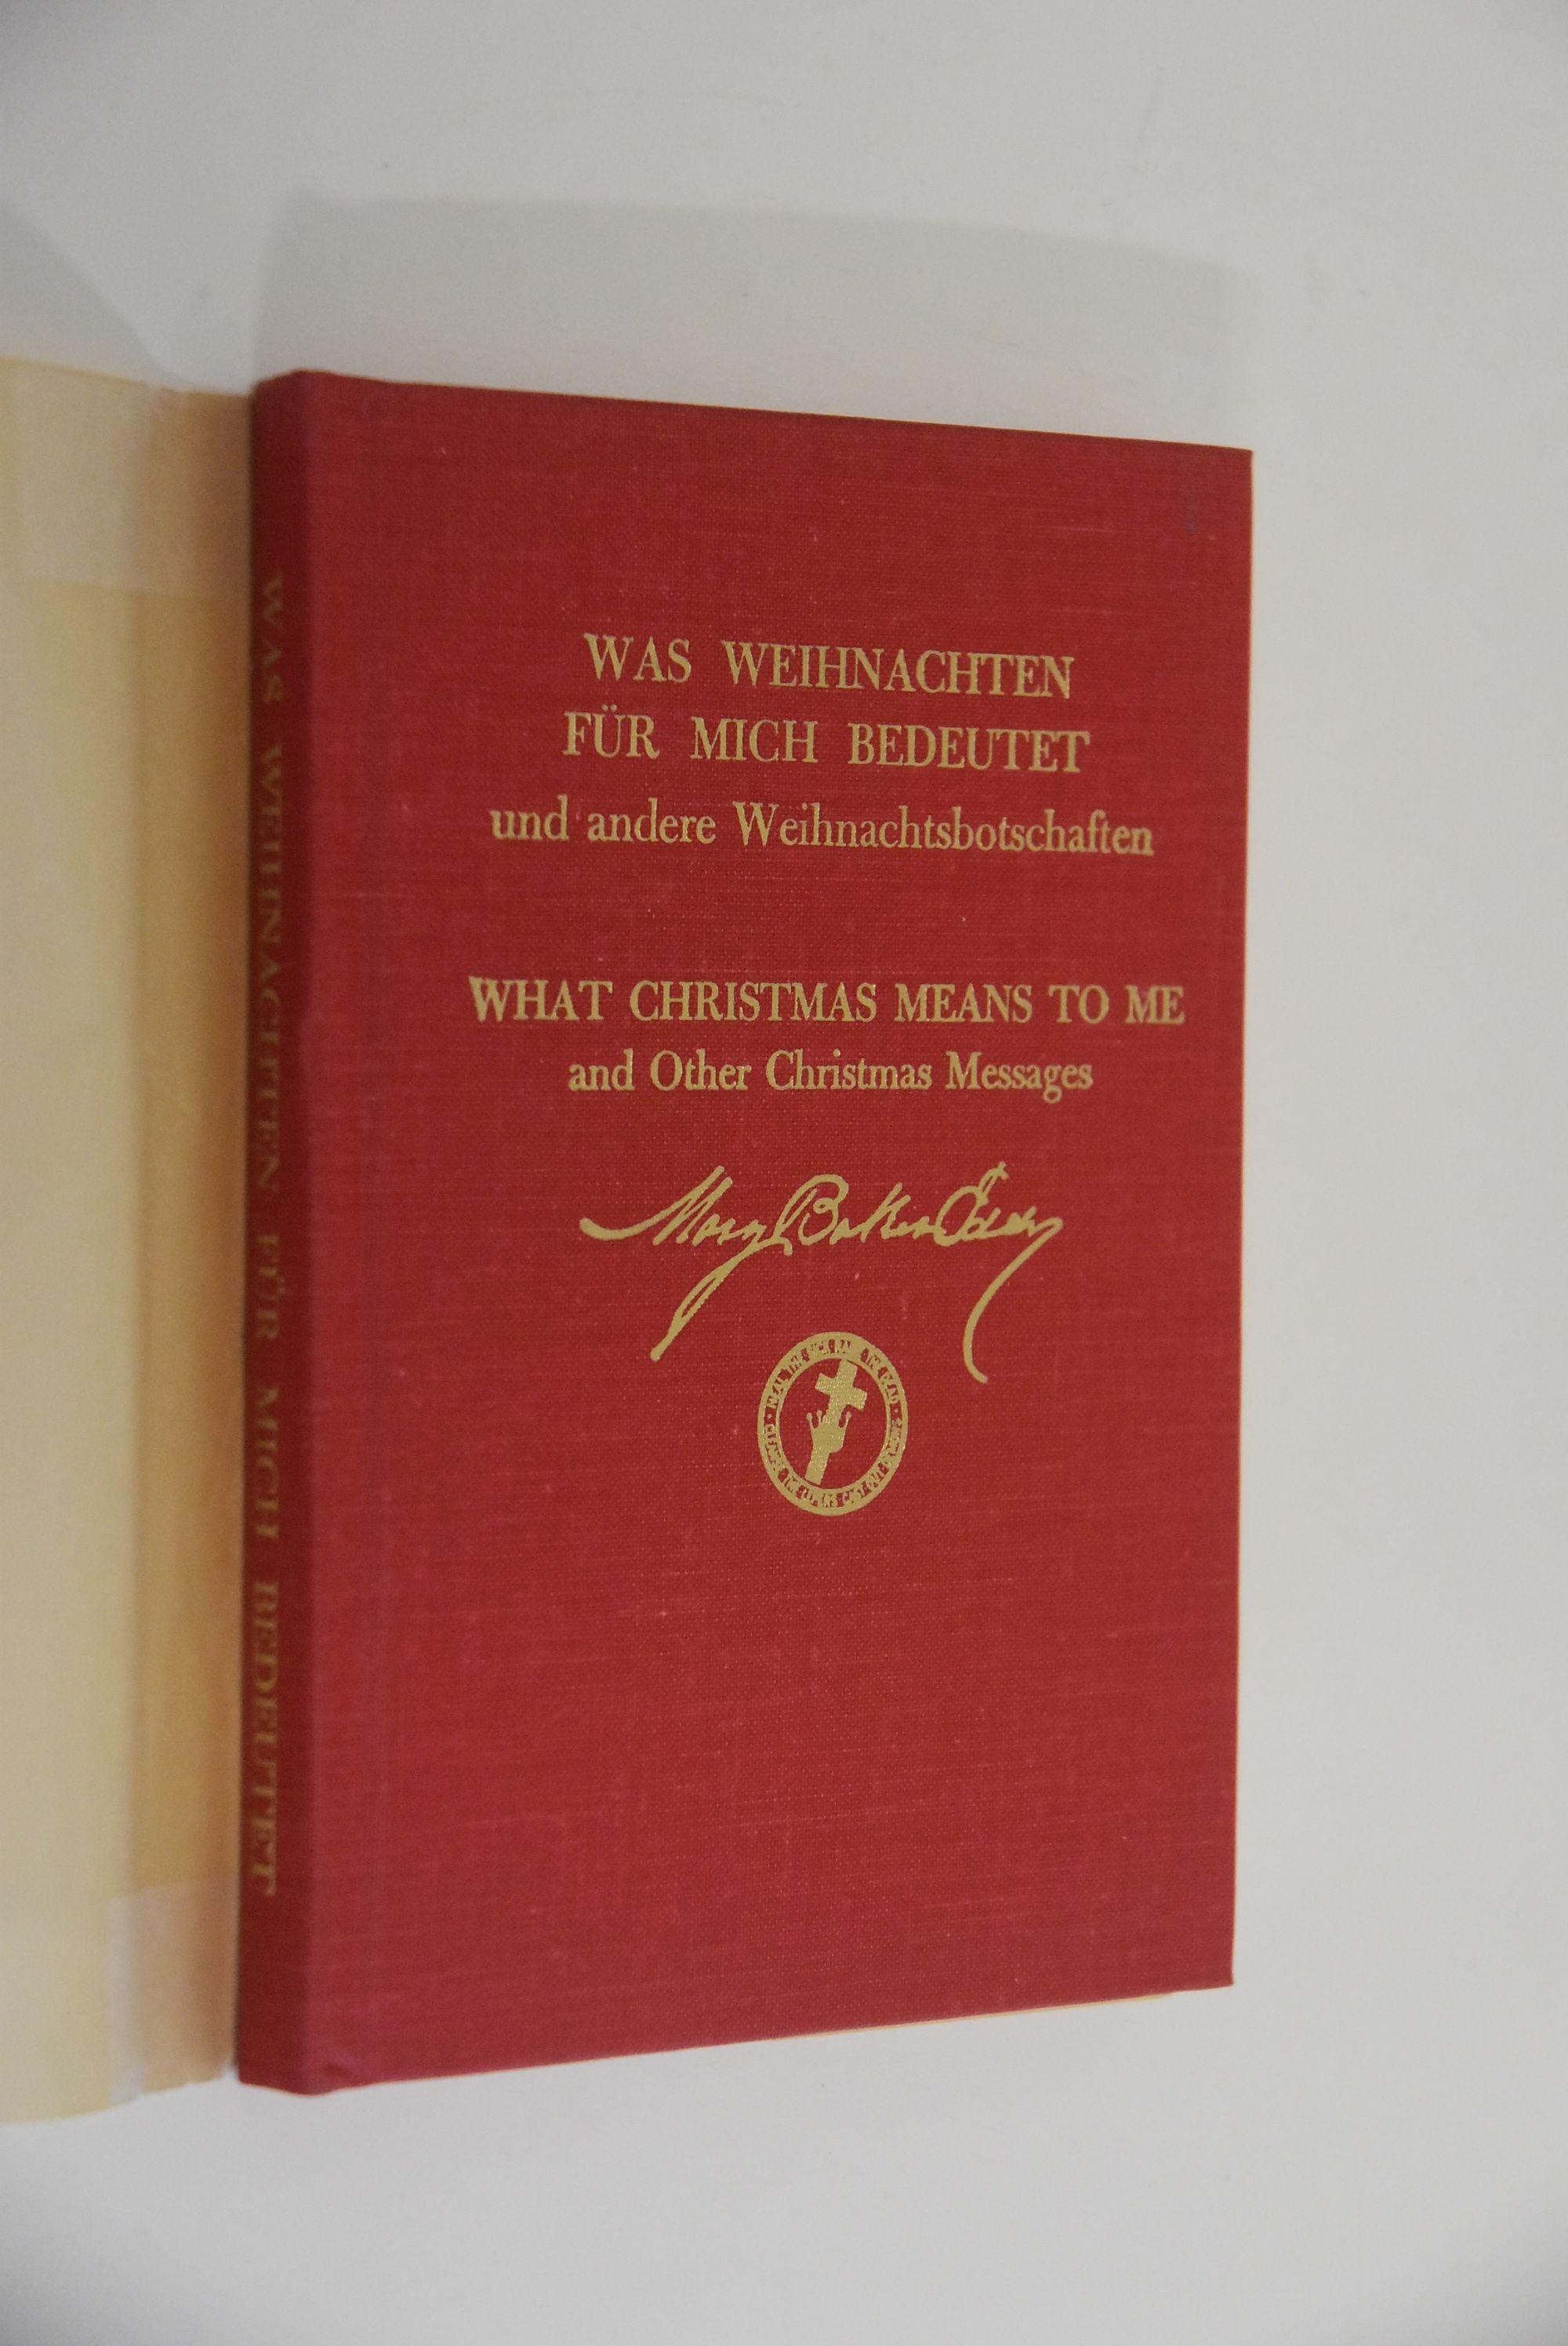 Was Weihnachten für mich bedeutet und andere Weihnachtsbotschaften : [Deutsche Übersetzung der autorisierten englischen Ausgabe]. - Eddy, Mary Baker